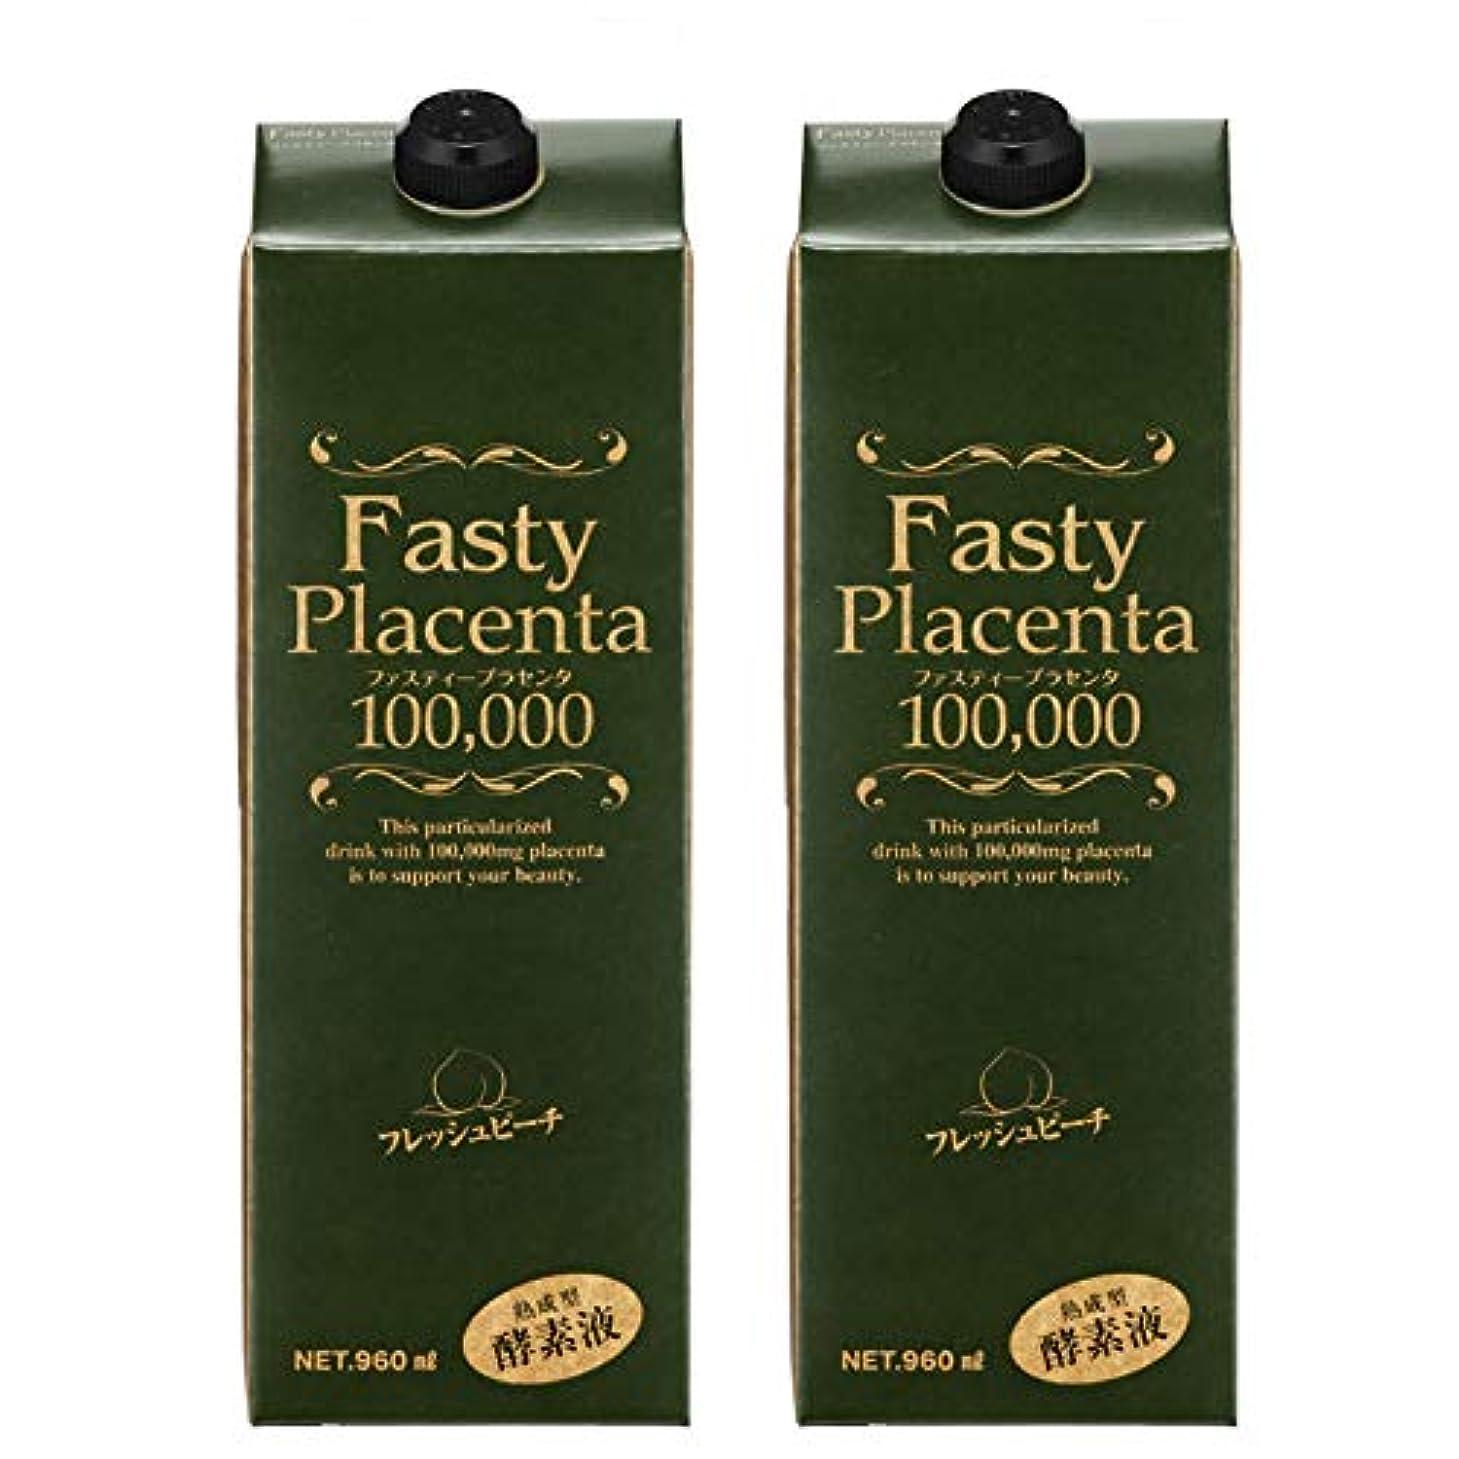 等上陸エッセイファスティープラセンタ100,000 増量パック(フレッシュピーチ味) 2本